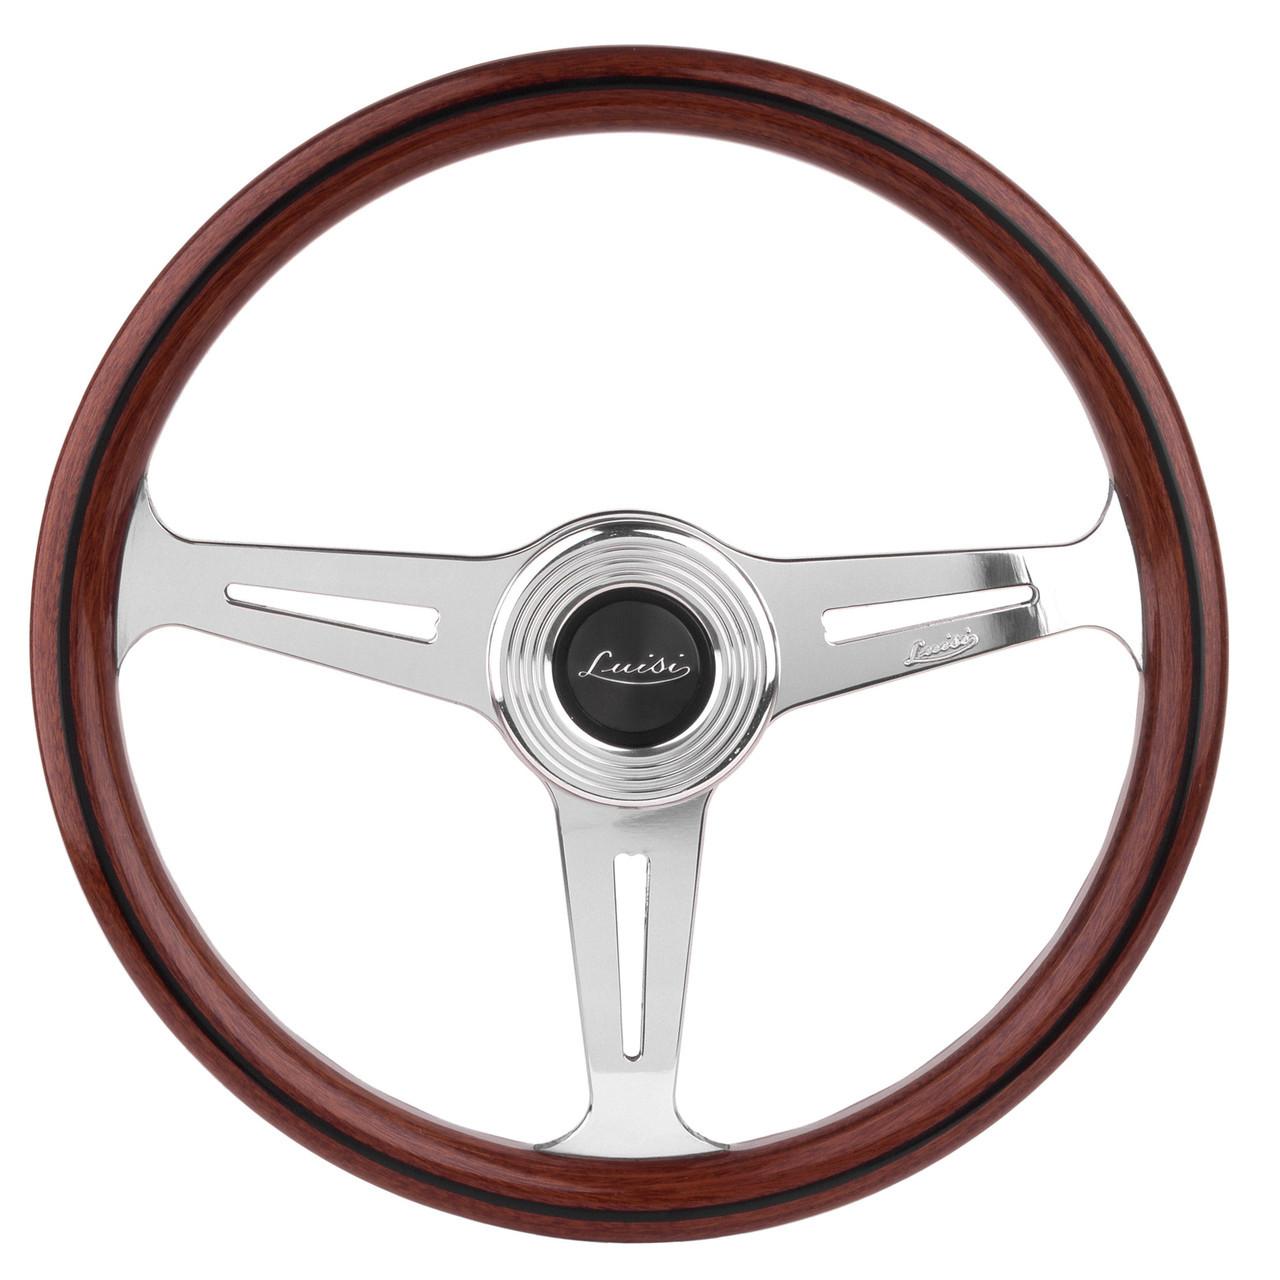 Mahogany Steering Wheel